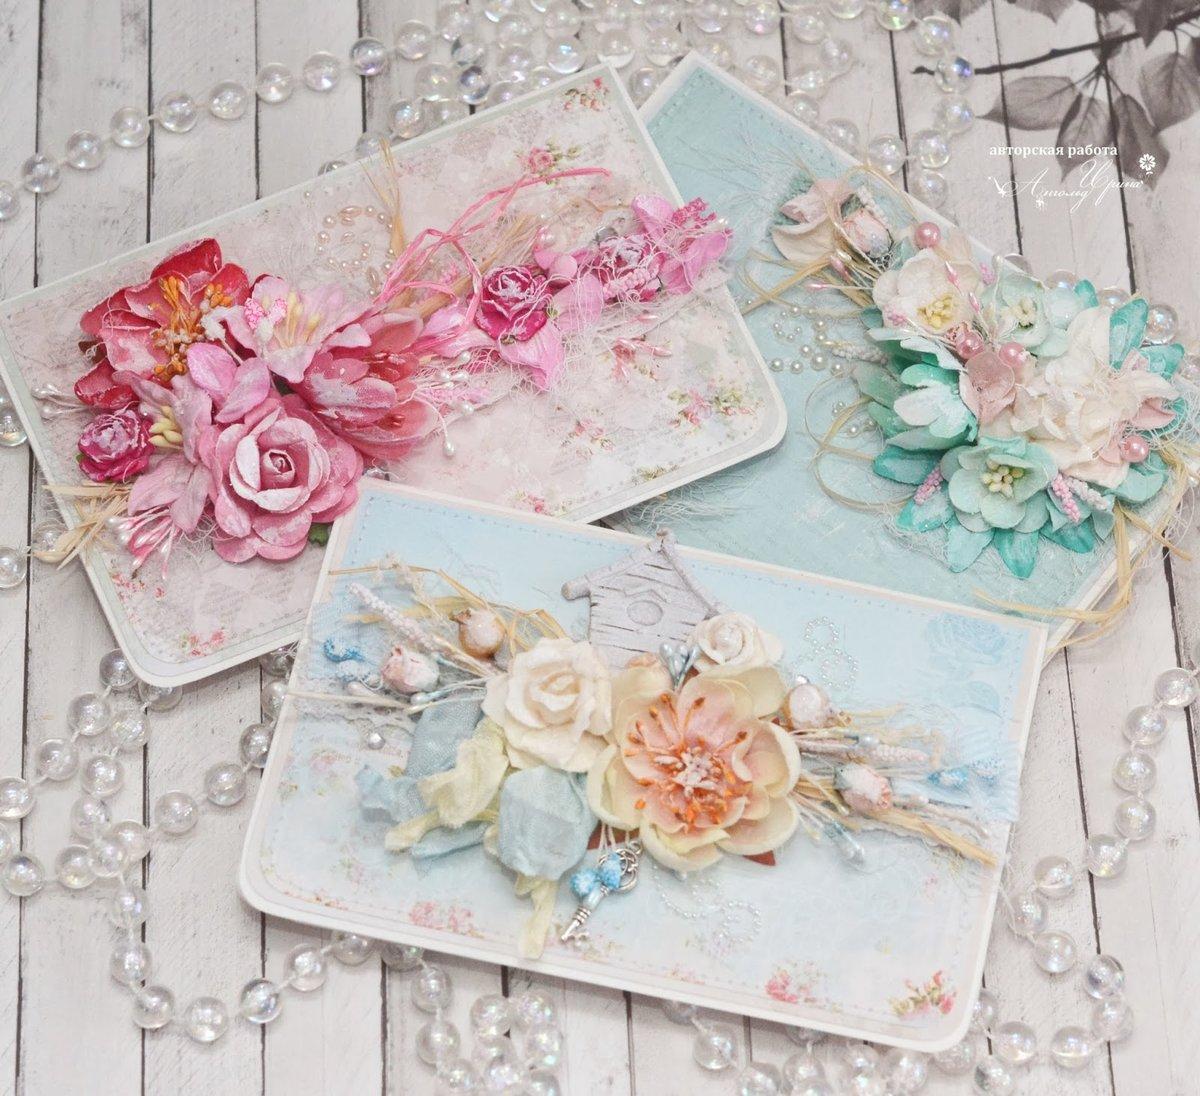 Открытки с цветами стиле скрапбукинг, открытки